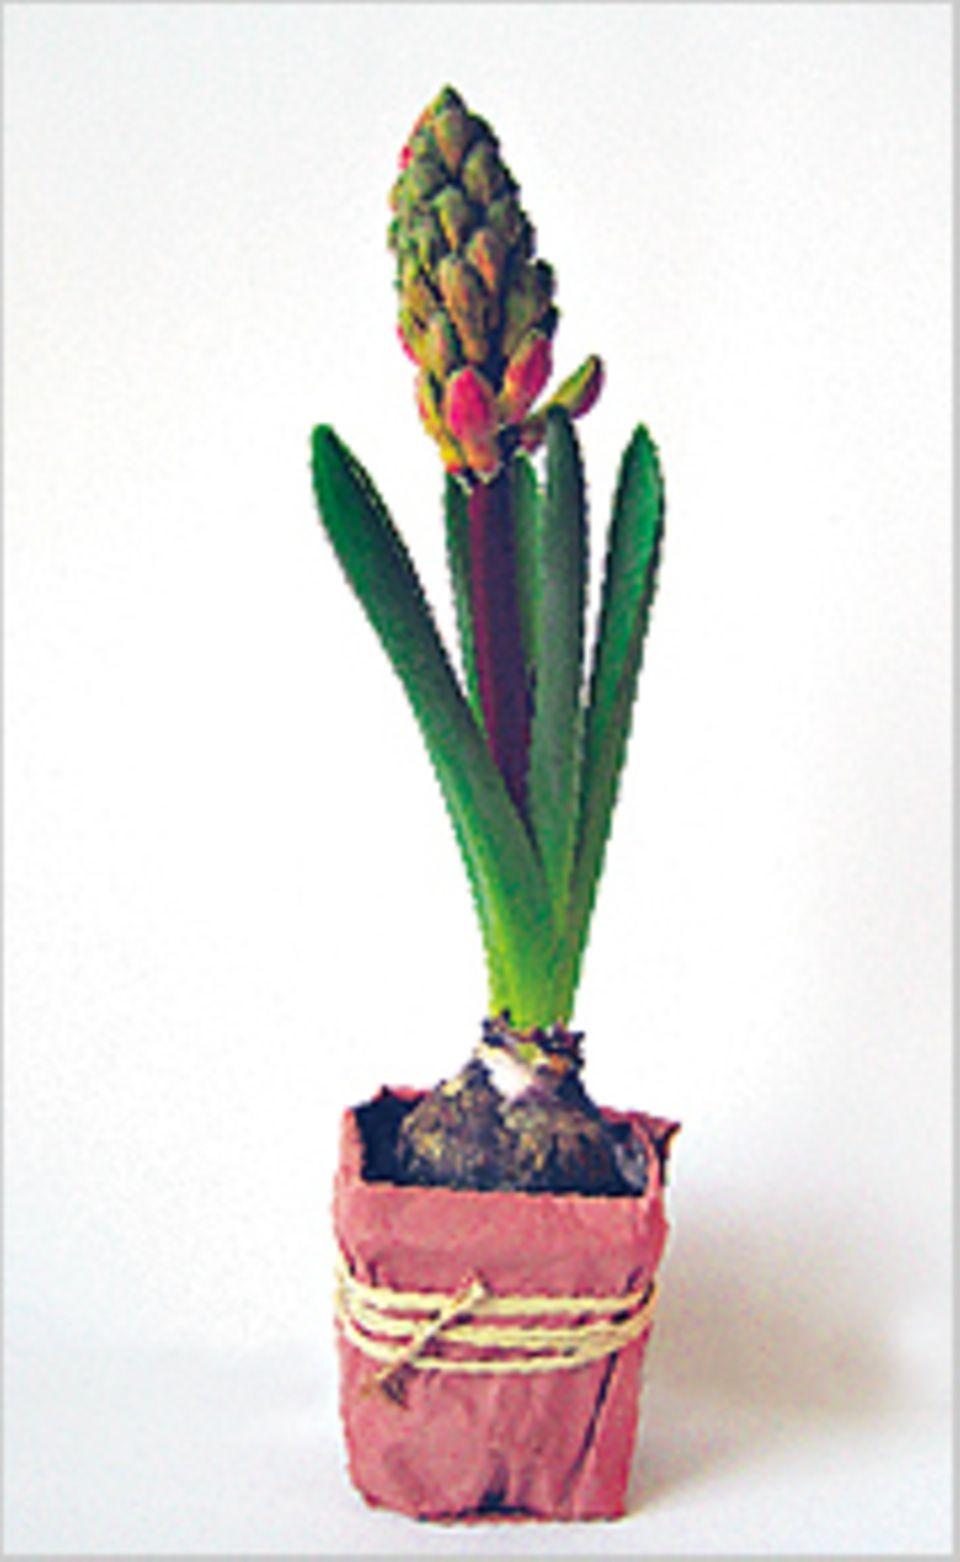 Frühlingsblumen: Am 7. Tag begann ich mich schon neugierig zu fragen: Welche Farbe werden die Blüten wohl haben?